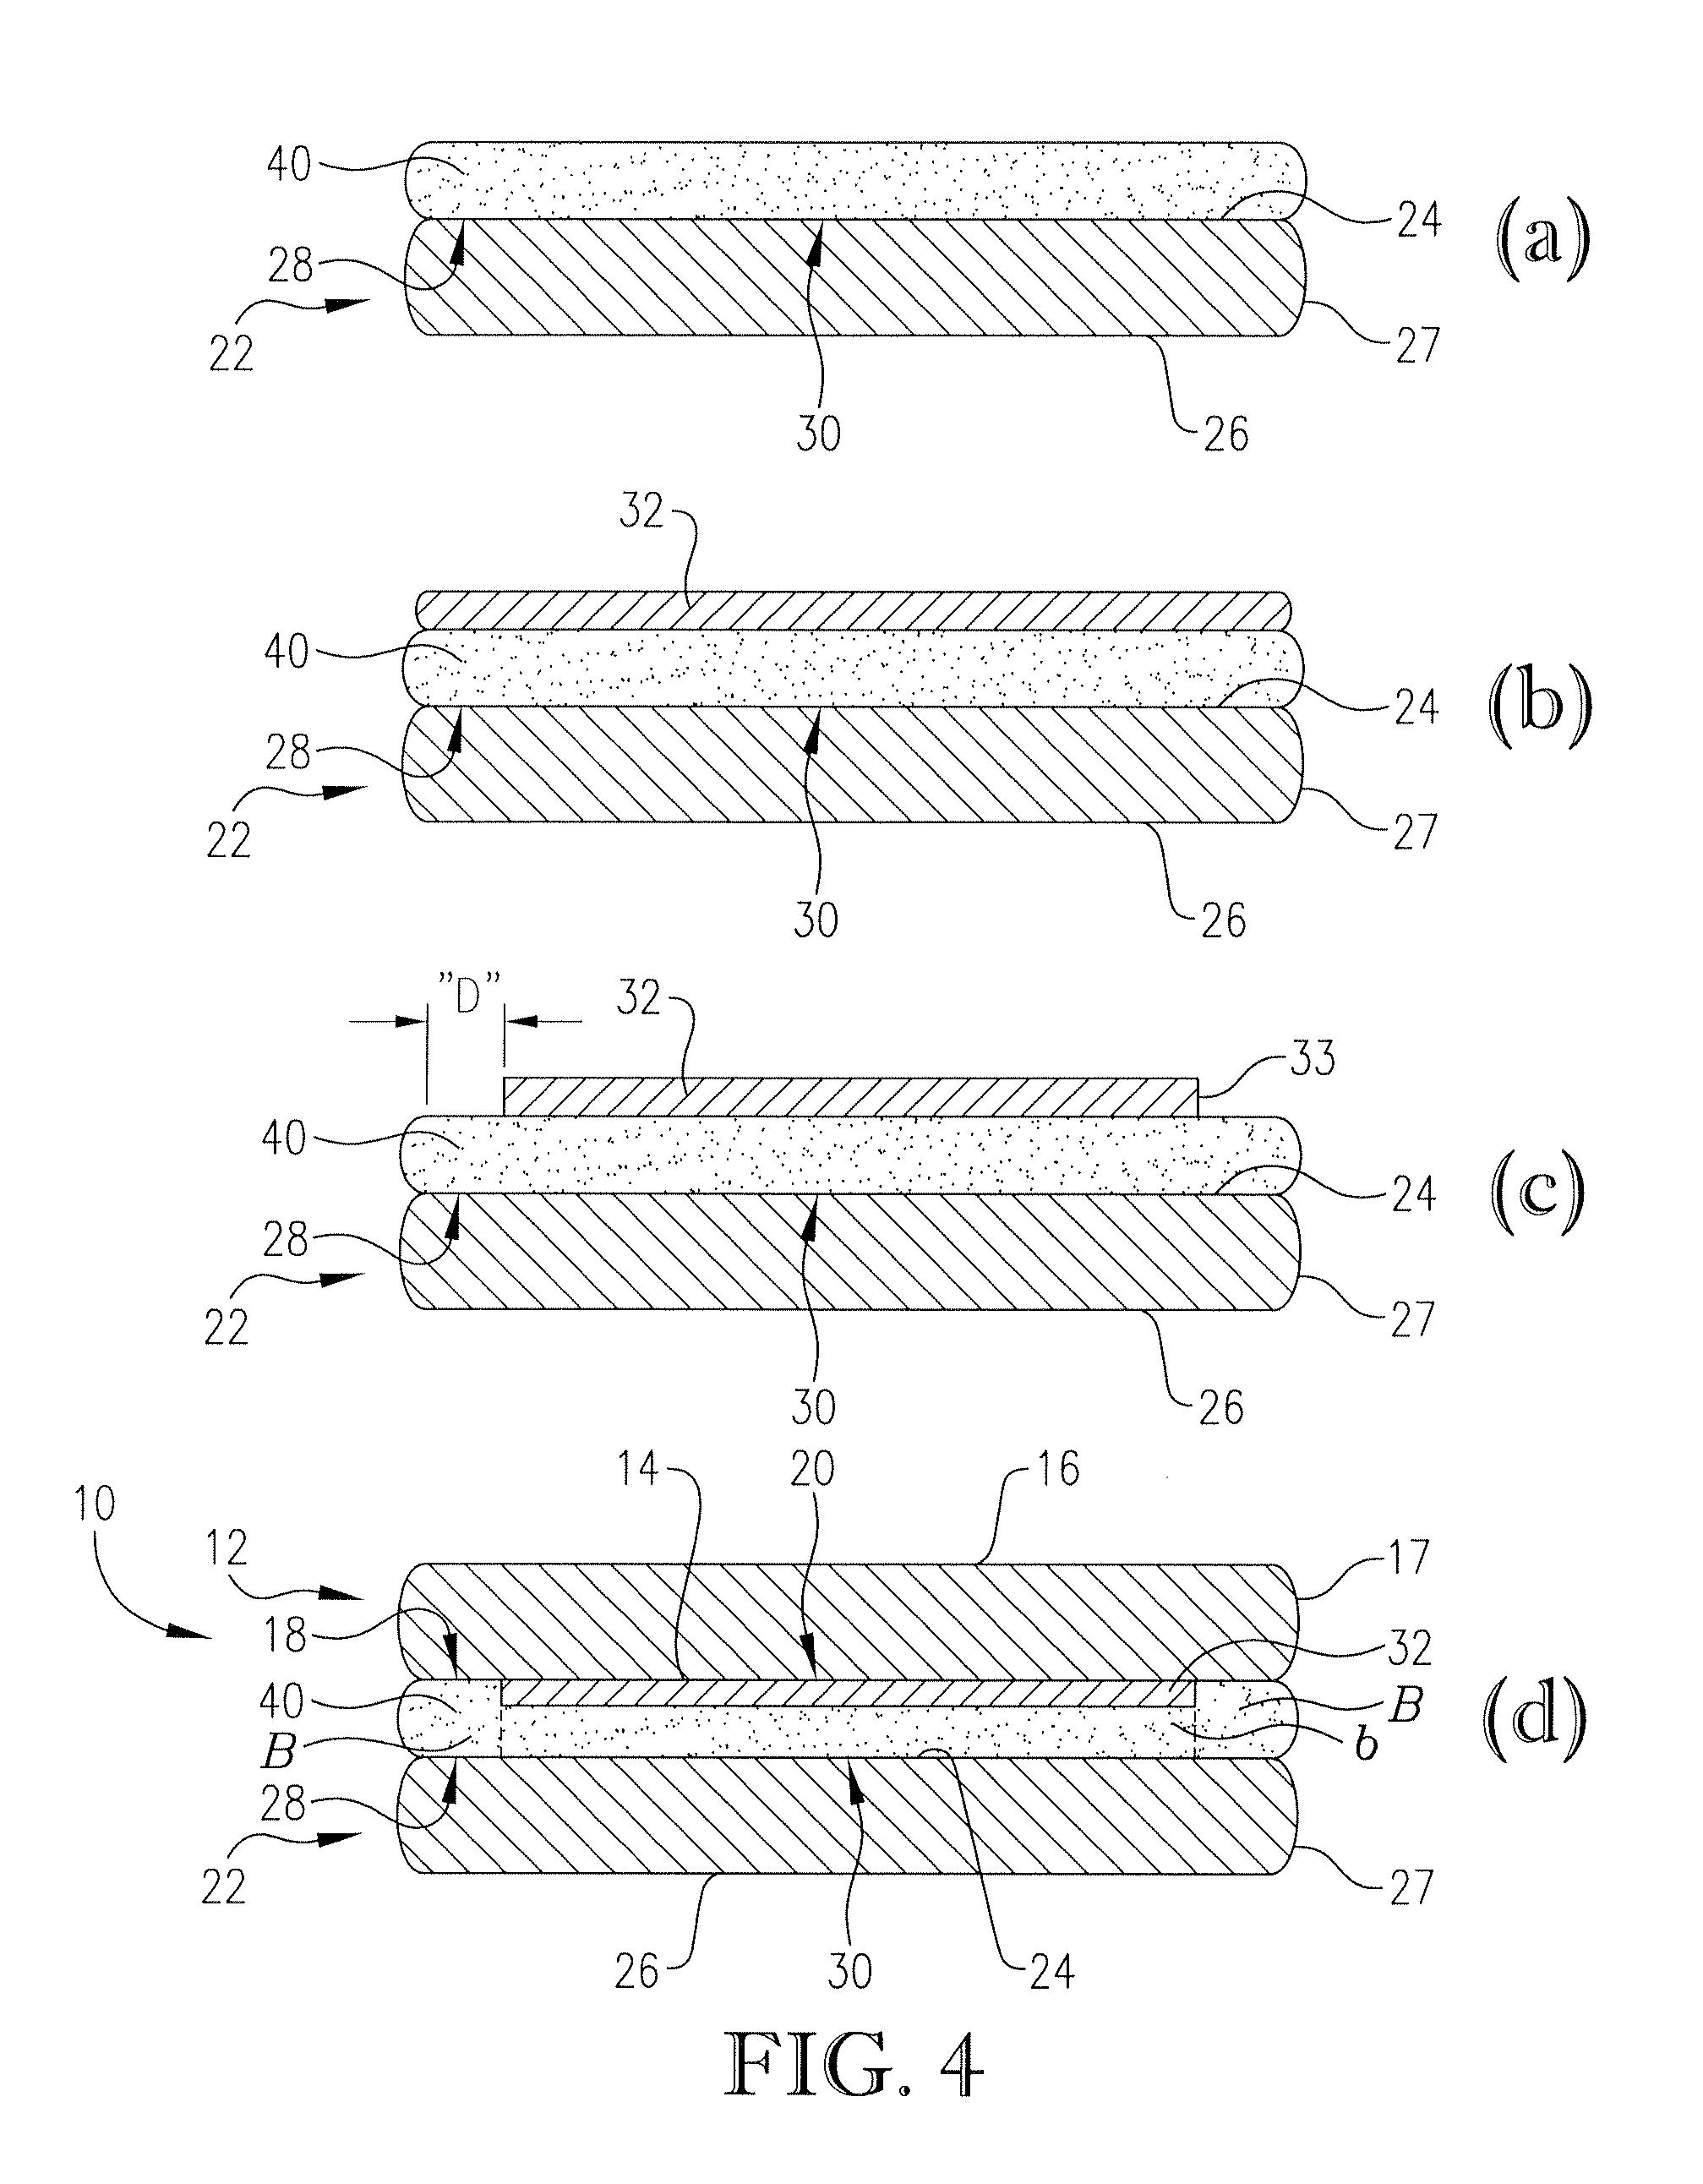 Needle penetration polyisobutylene